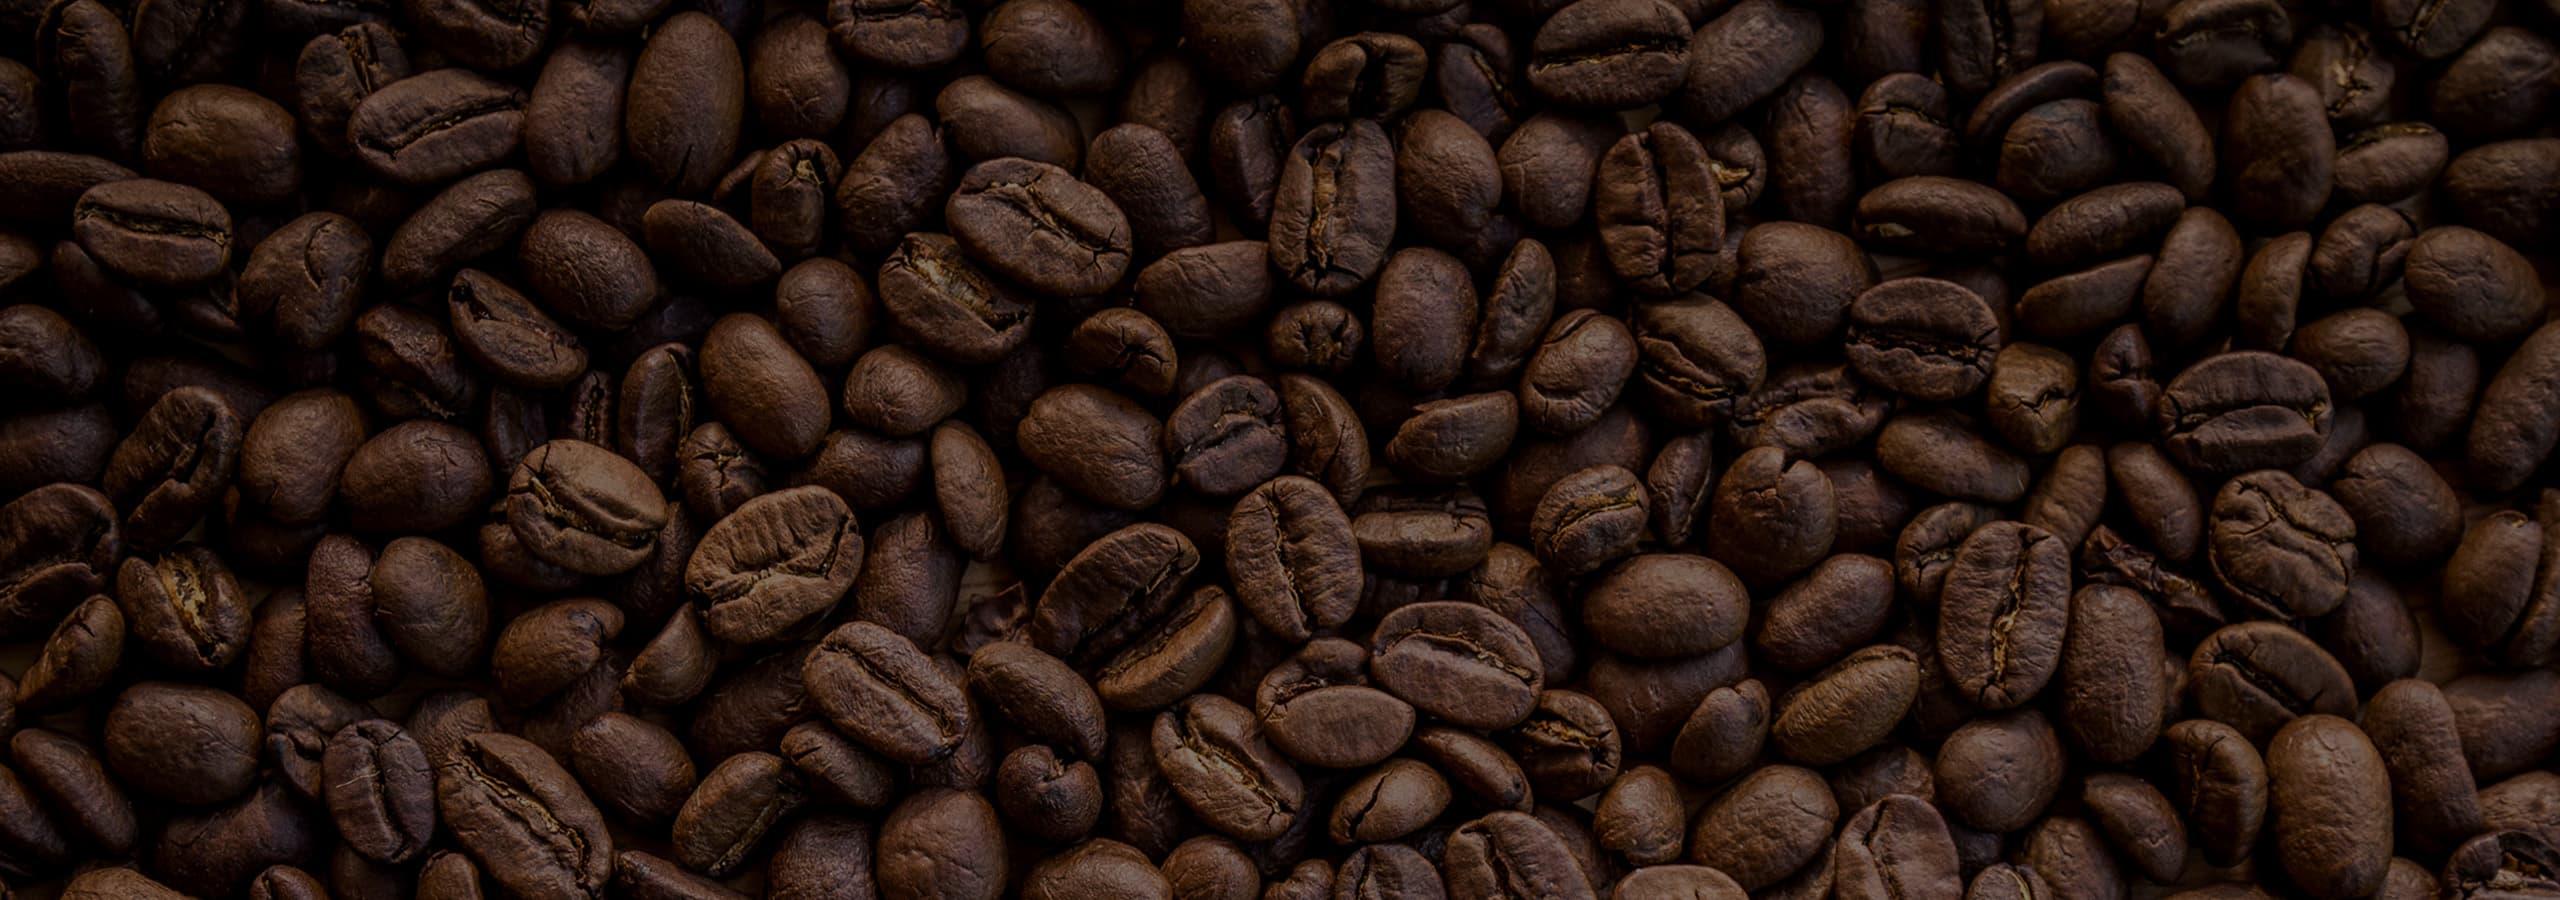 Coffee Machine hero background image